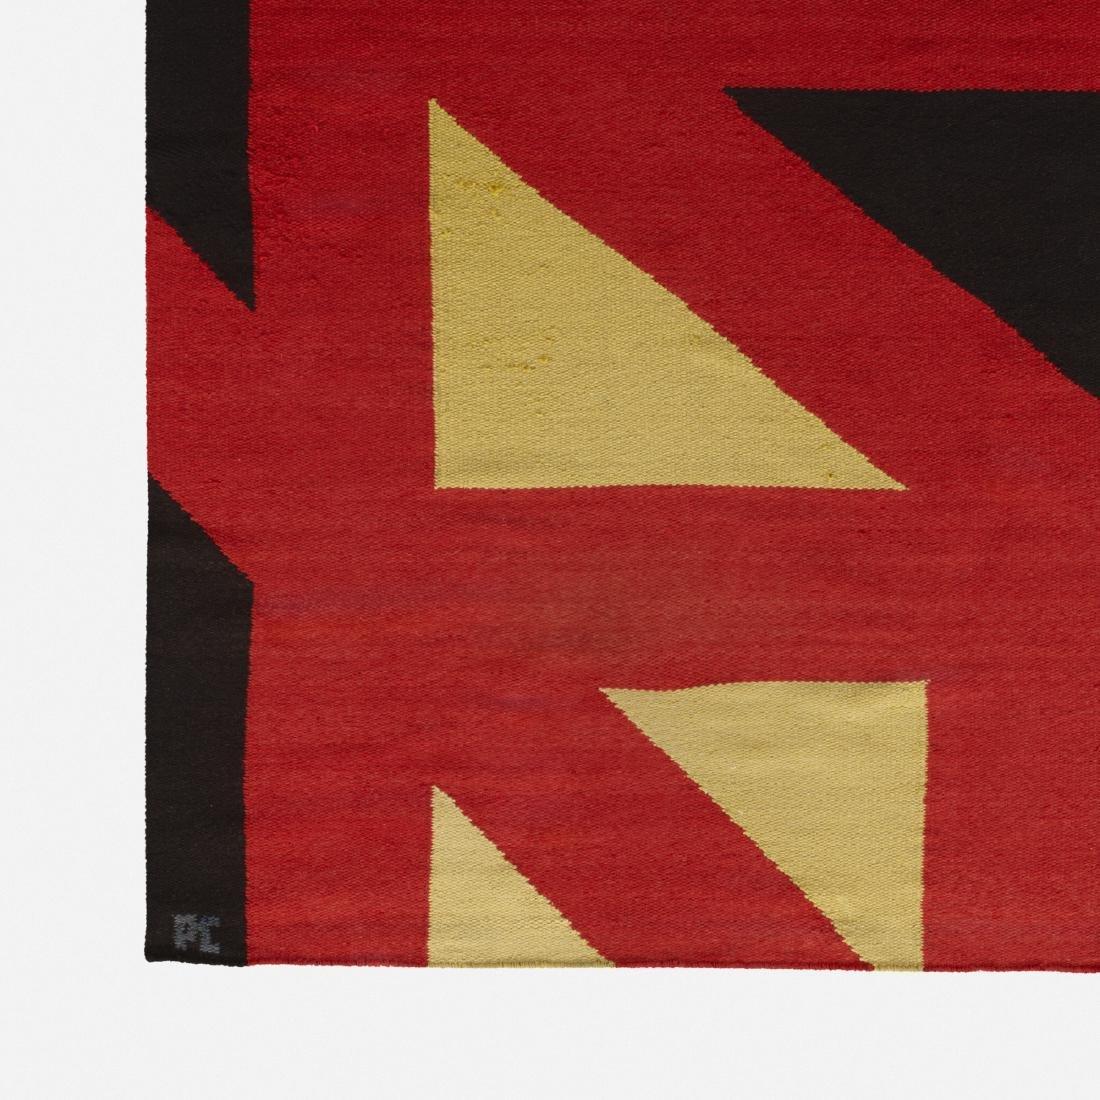 Pierre Clerk, Untitled (no. 8B) - 2